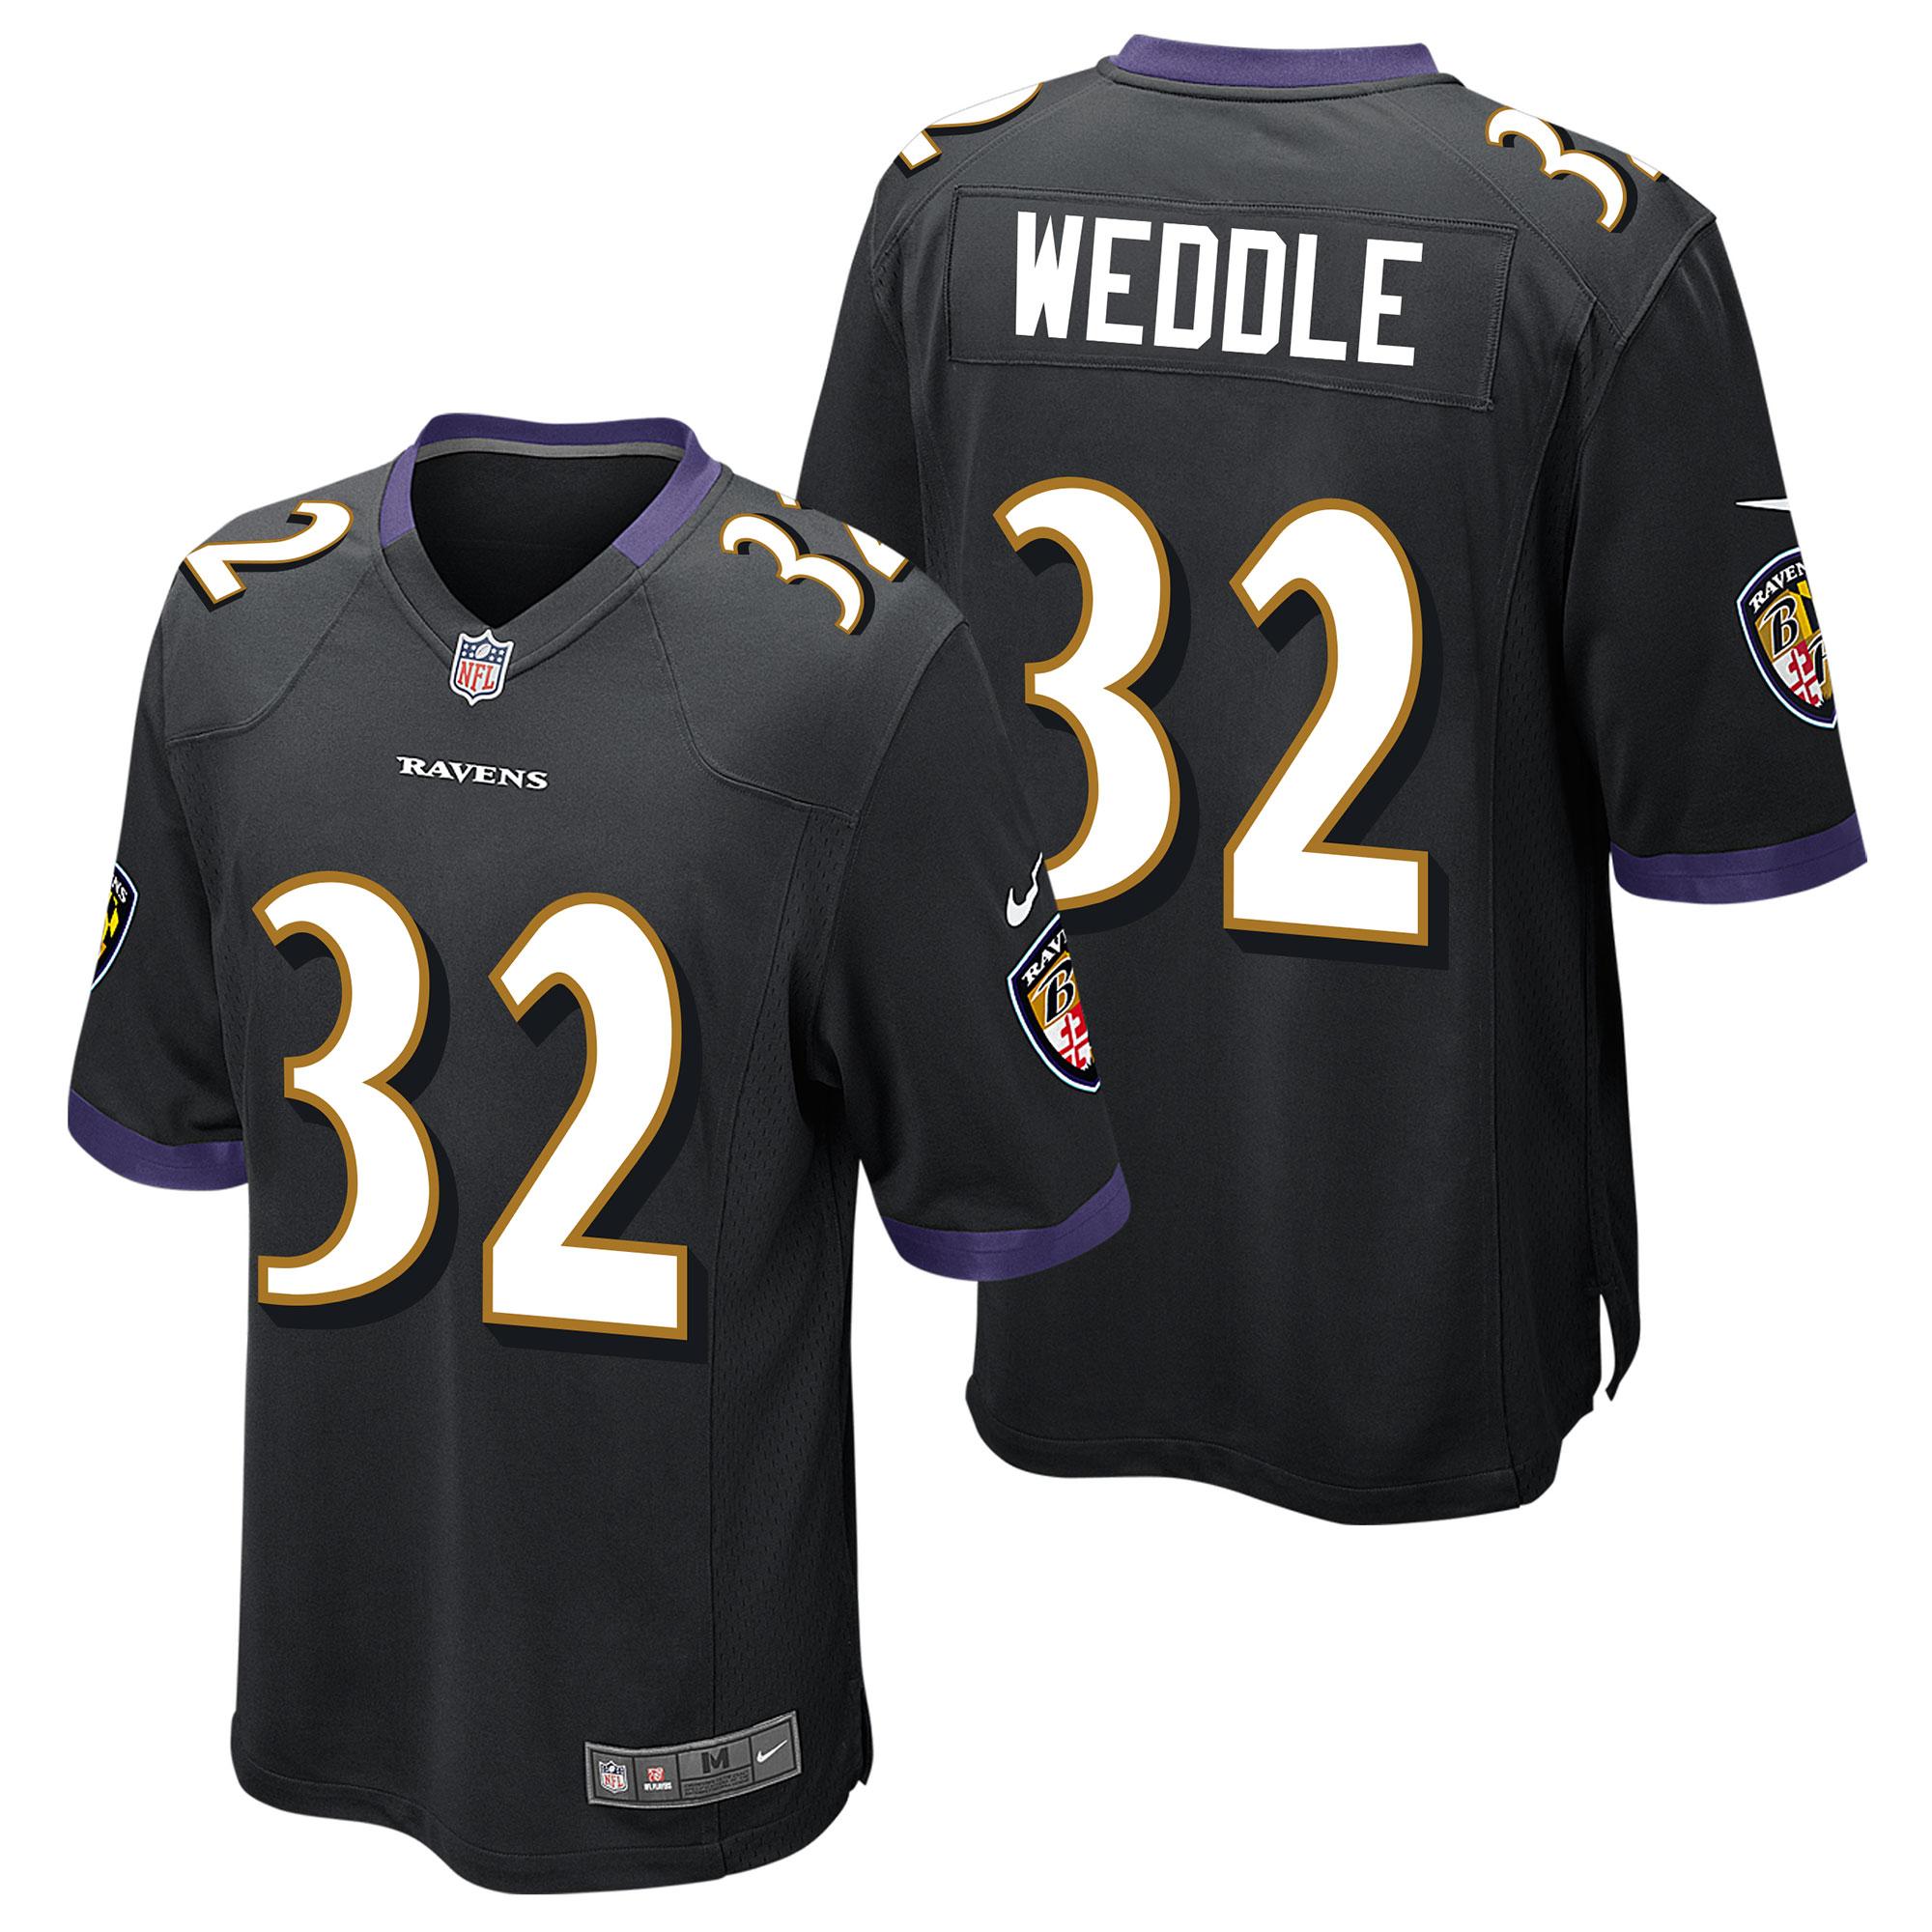 Baltimore Ravens Ausweichtrikot - Eric Weddle - Jugendliche